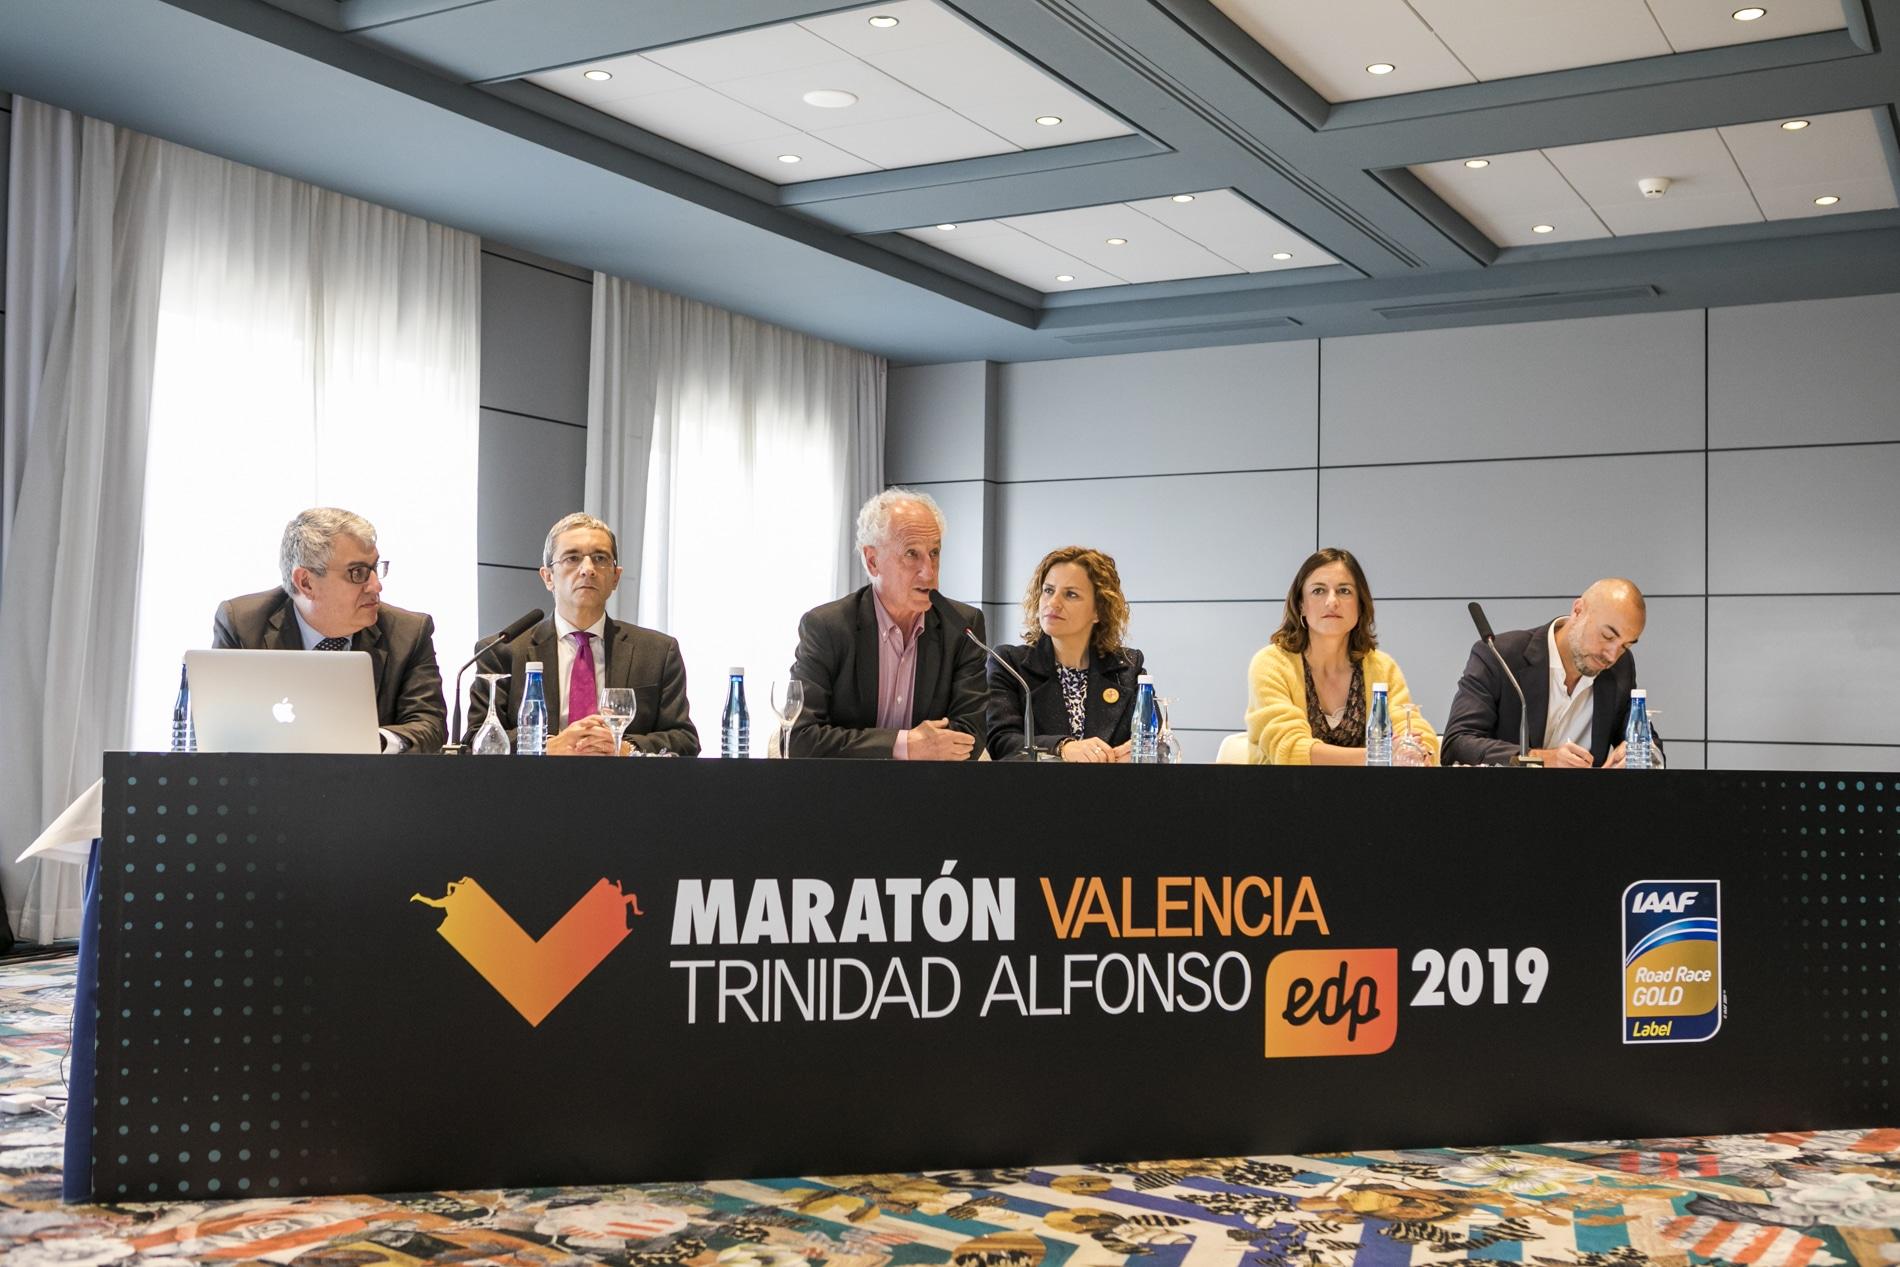 Impacto Económico Maratón Valencia 2019